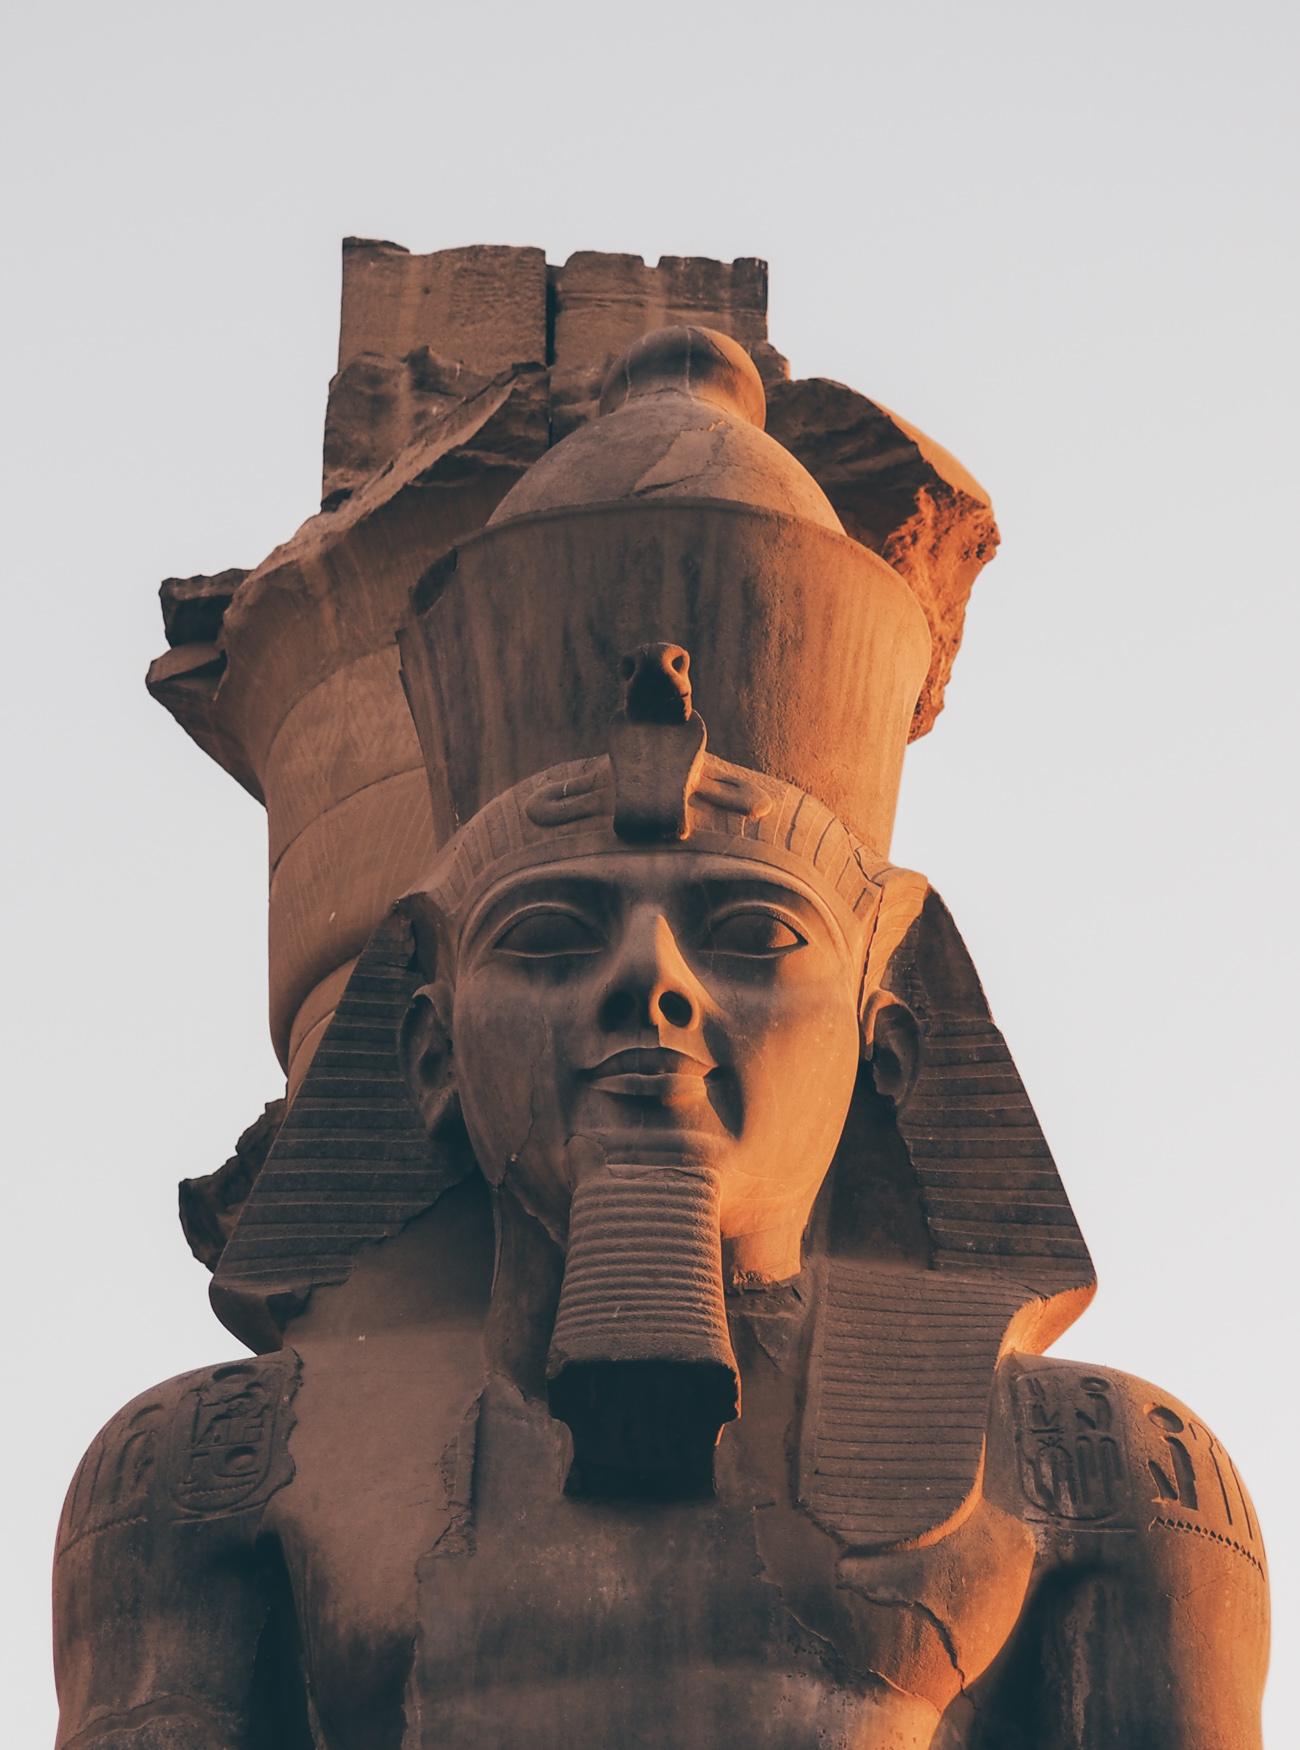 L'Égypte avec Voyageurs du Monde / Tippy.fr - Le colosse de Ramsès II au Temple de Louxor